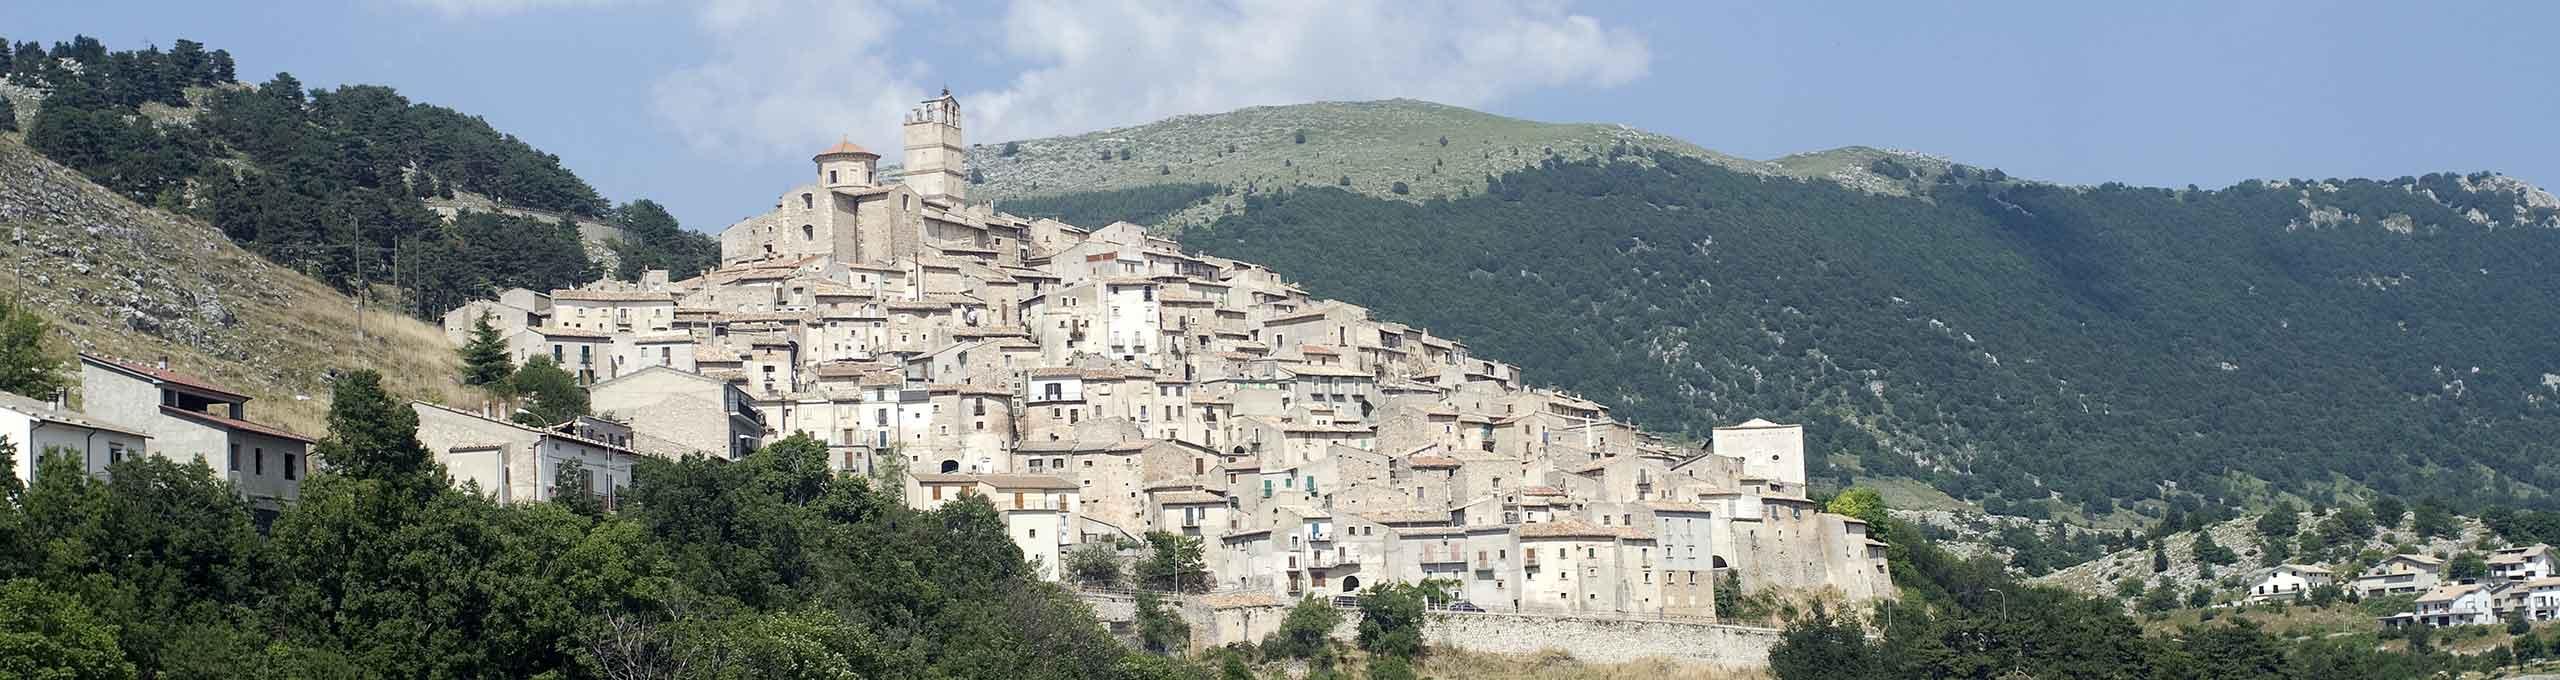 Panorama di Castel Del Monte, Gran Sasso